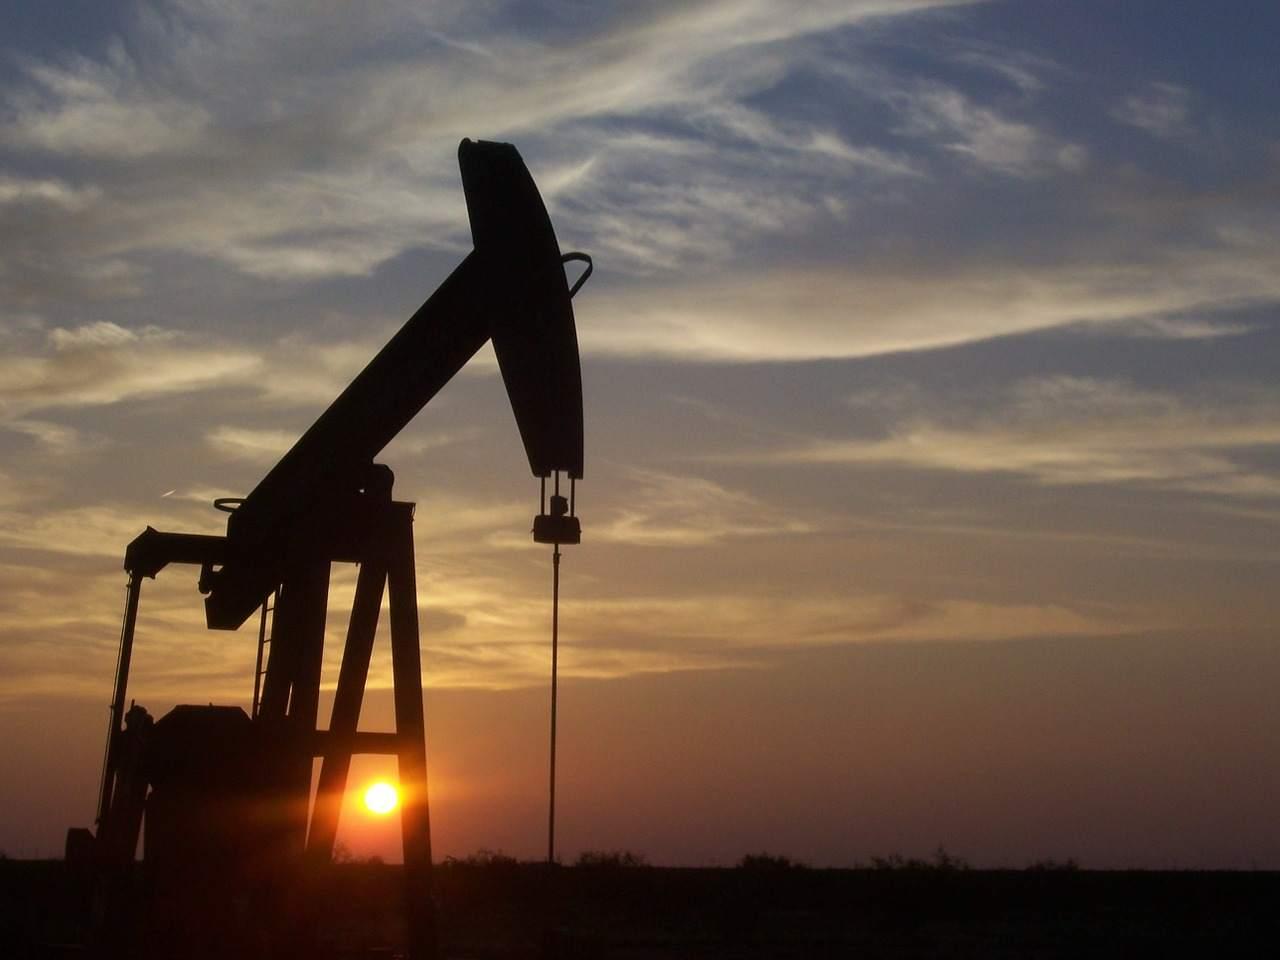 Ölförderung Beispielfoto - Ölpreis erst einmal nicht weiter fallend